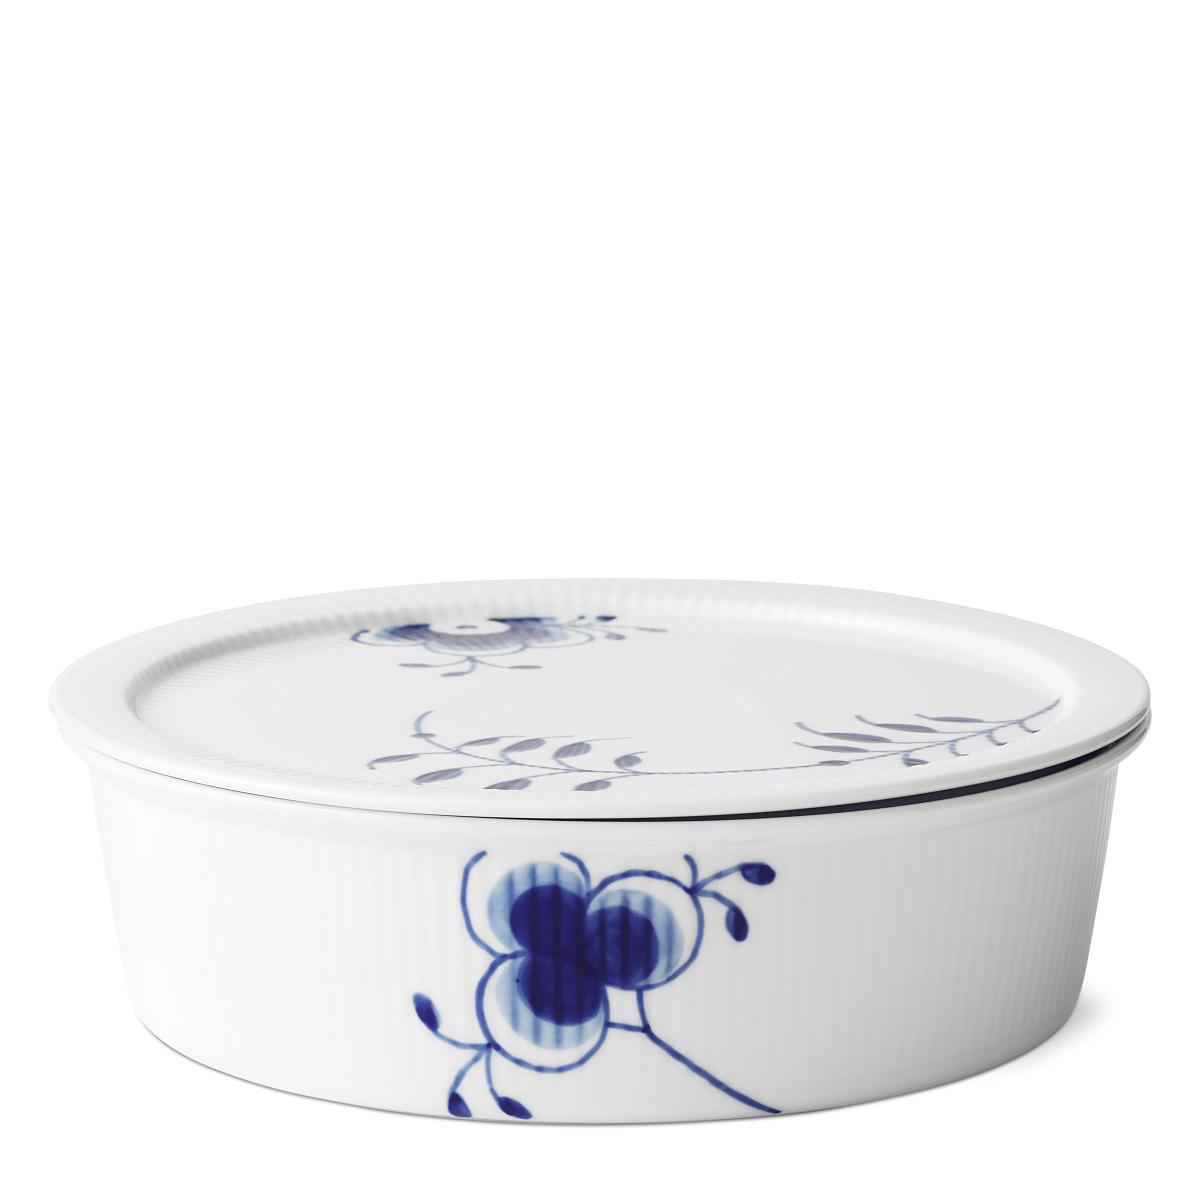 Royal Copenhagen, Blue Fluted Mega Dish With Lid 1.5Qt